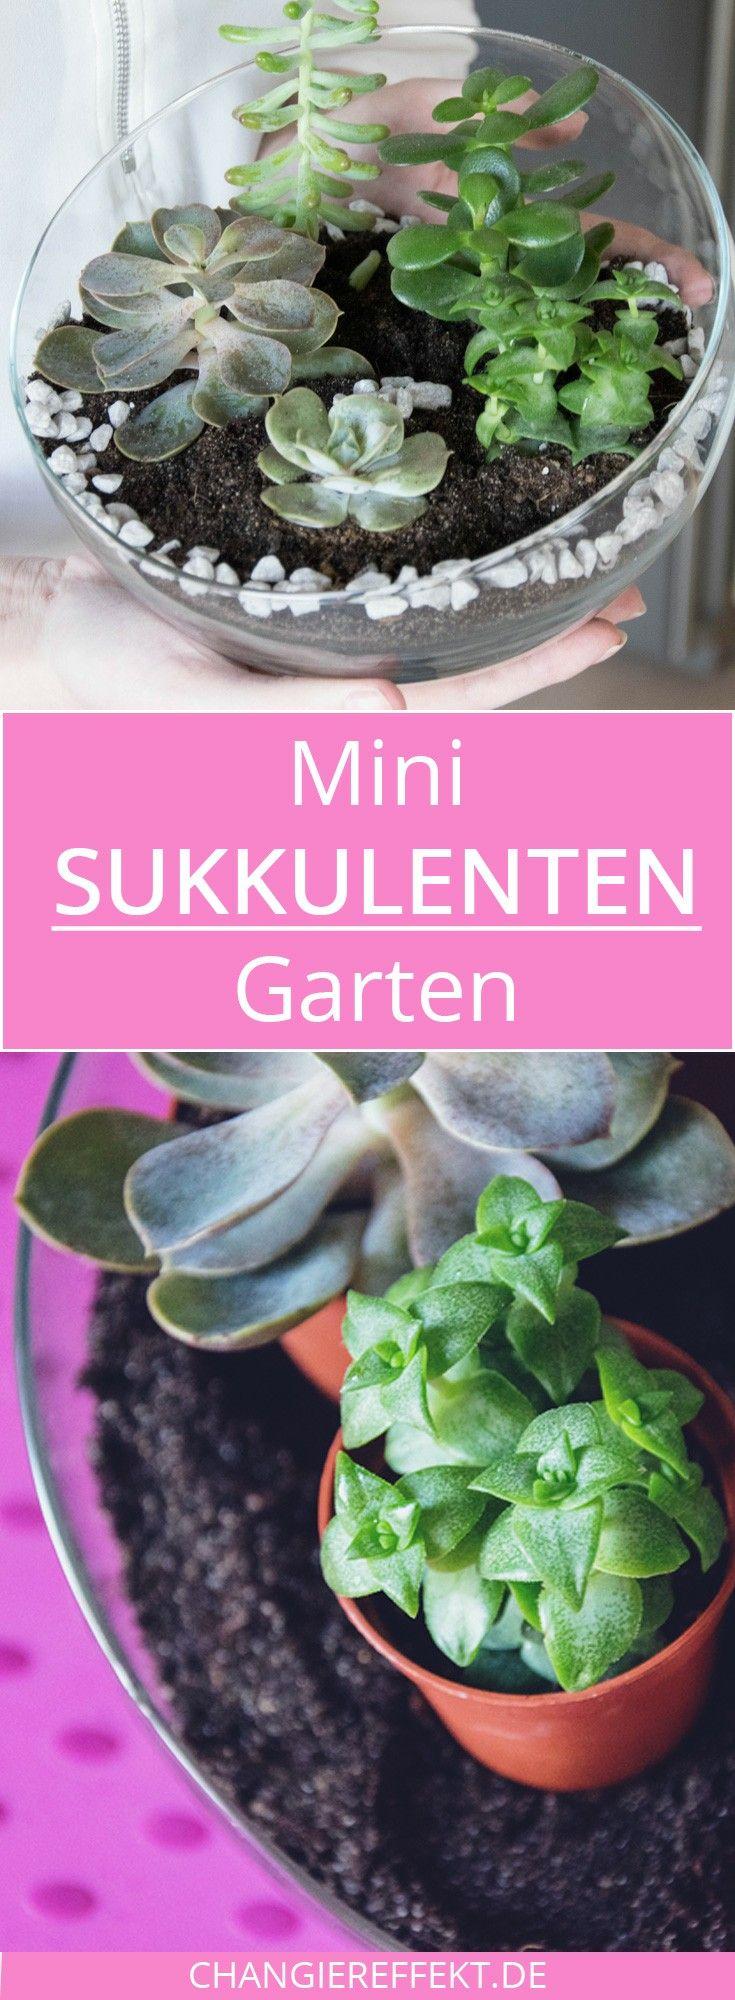 Sukkulenten Mini Garten zum Selbermachen – DIY